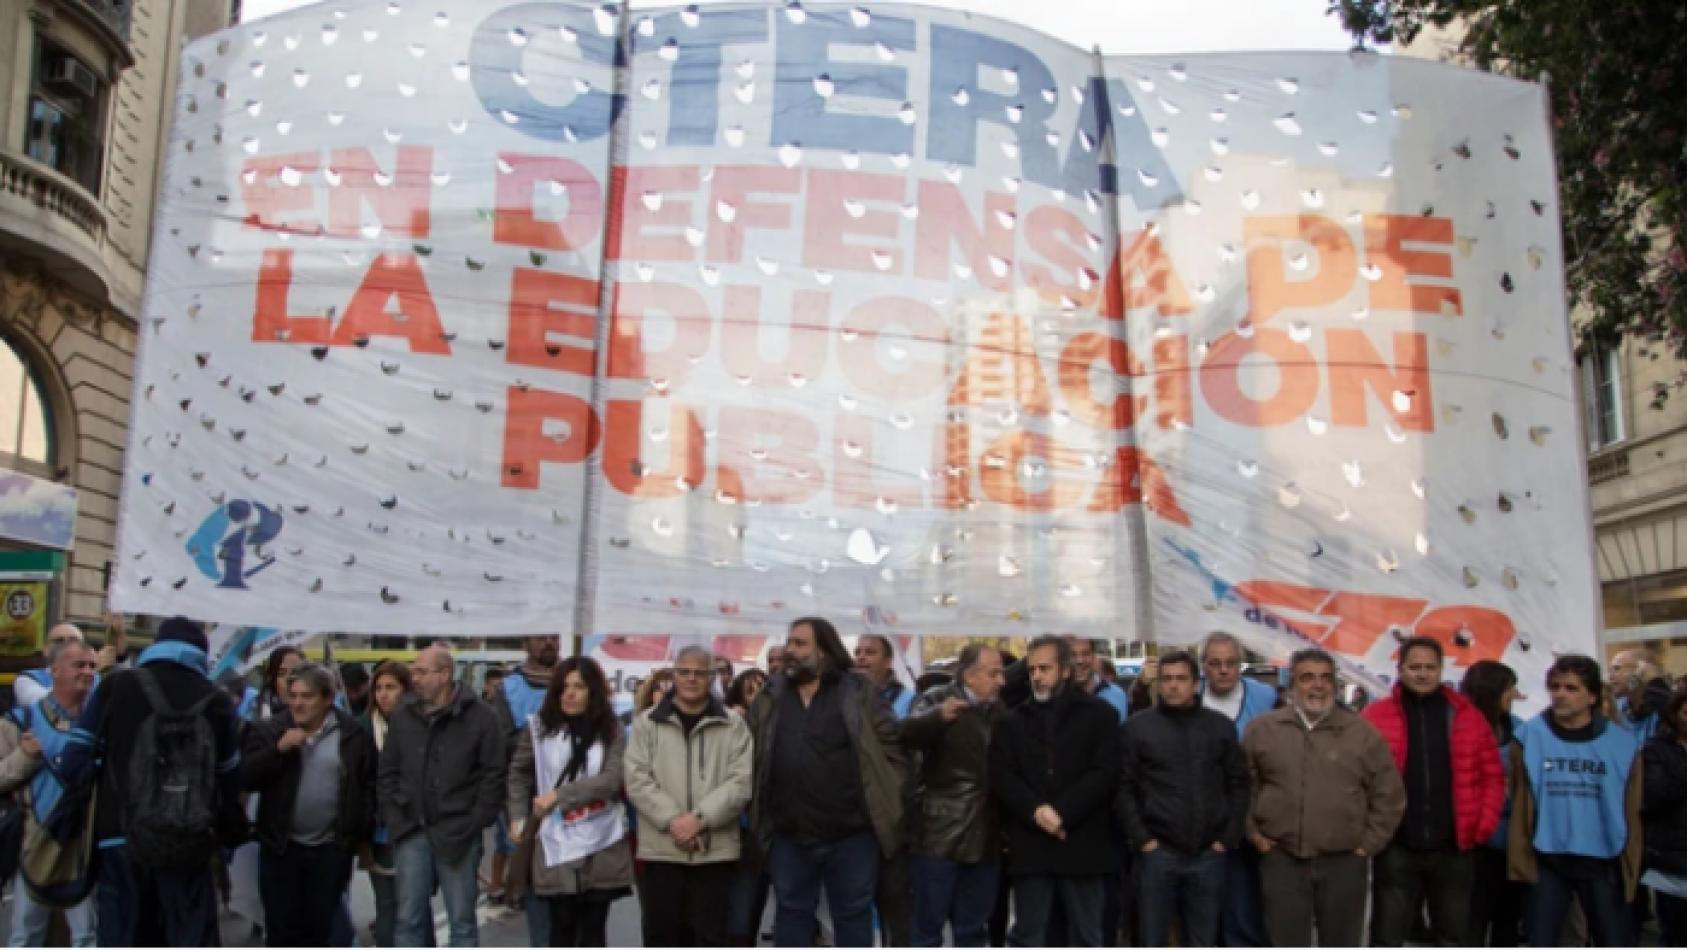 CTERA convocó a un paro de 24 horas en todo el país por el conflicto de Chubut